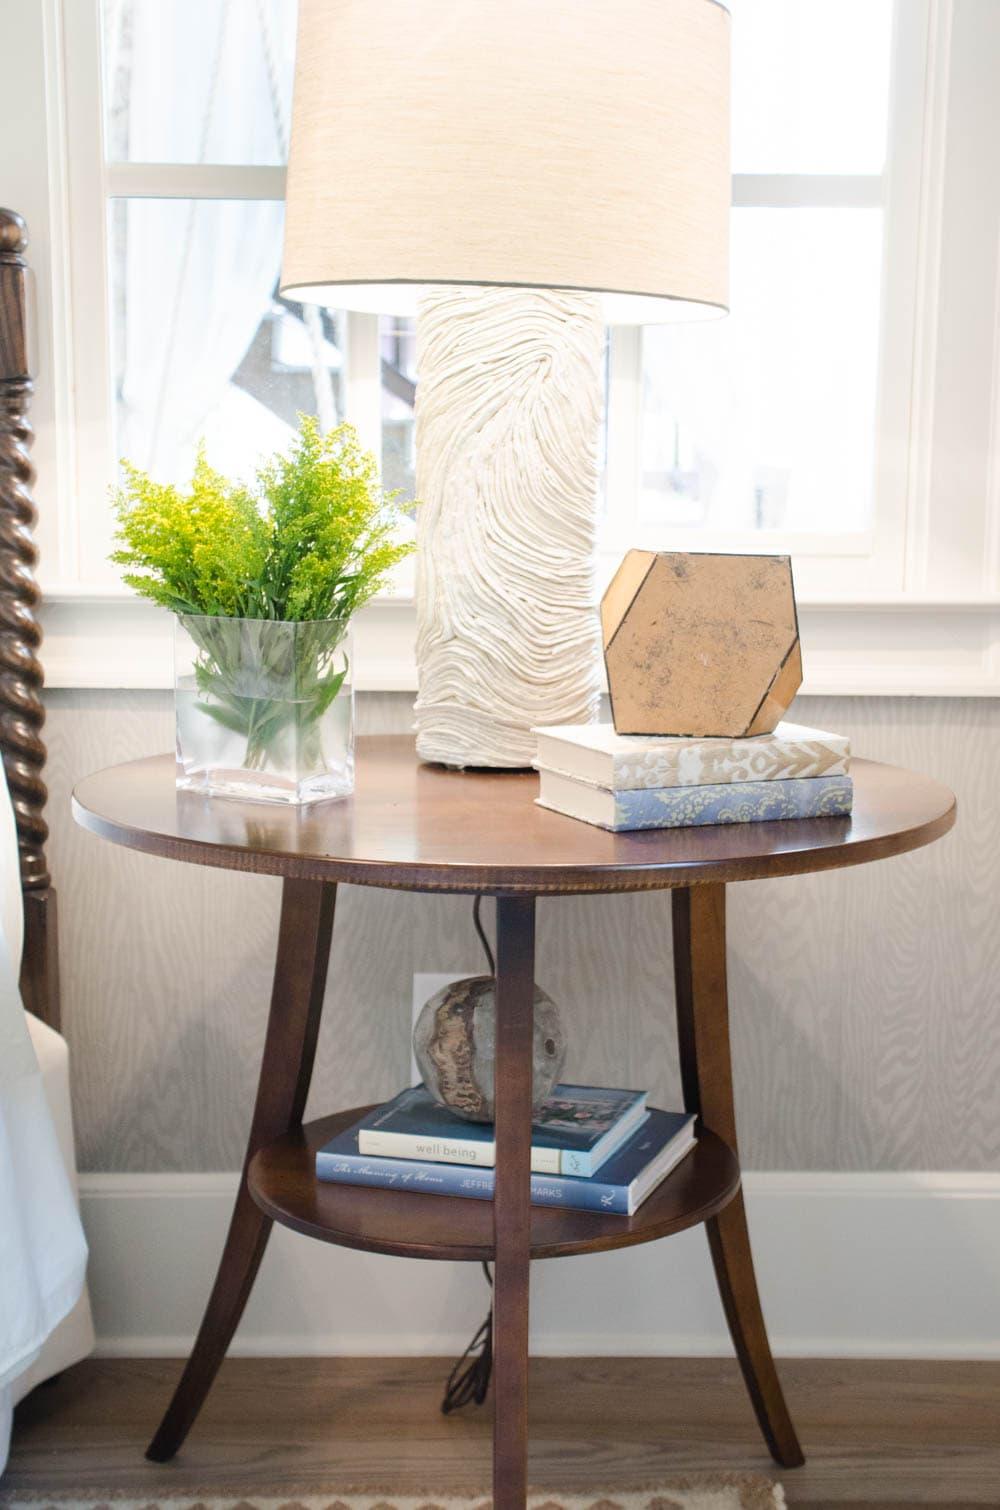 Serene bedside table